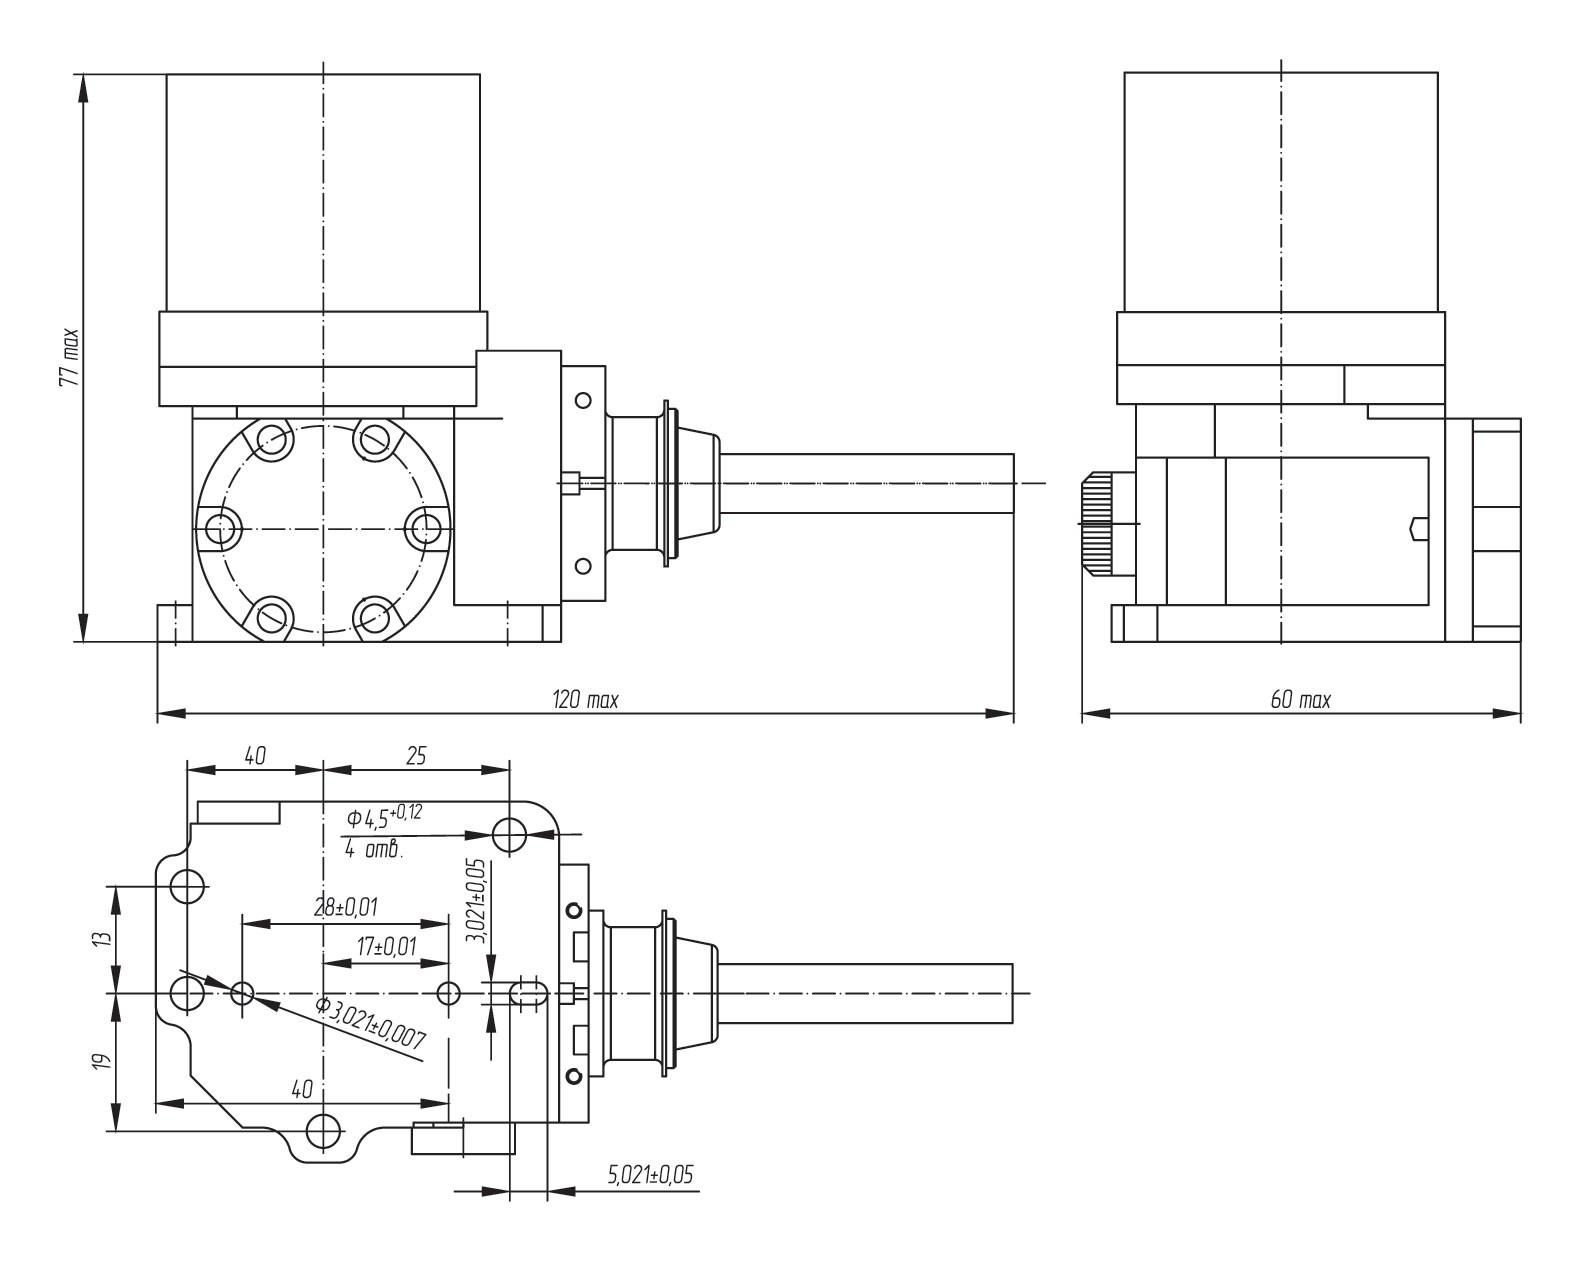 Габаритный чертеж микрокриогенной системы АСТРОН-МКС750